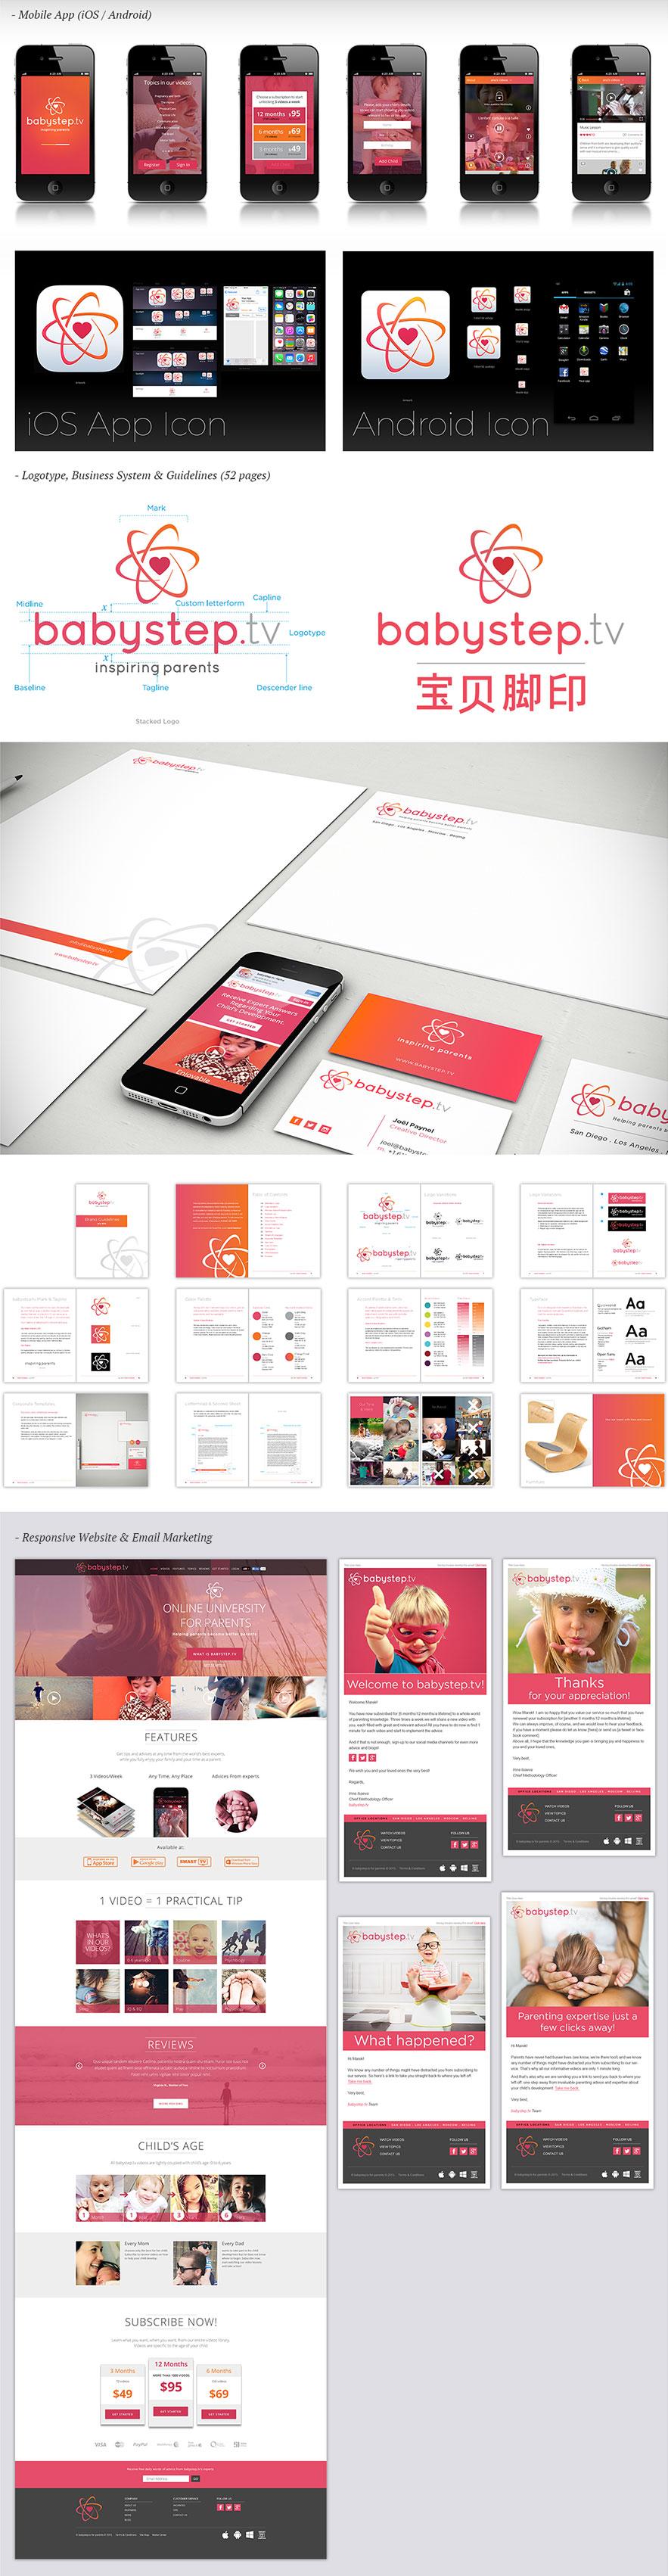 babystep.tv Mobile App, Responsive Website, Branding